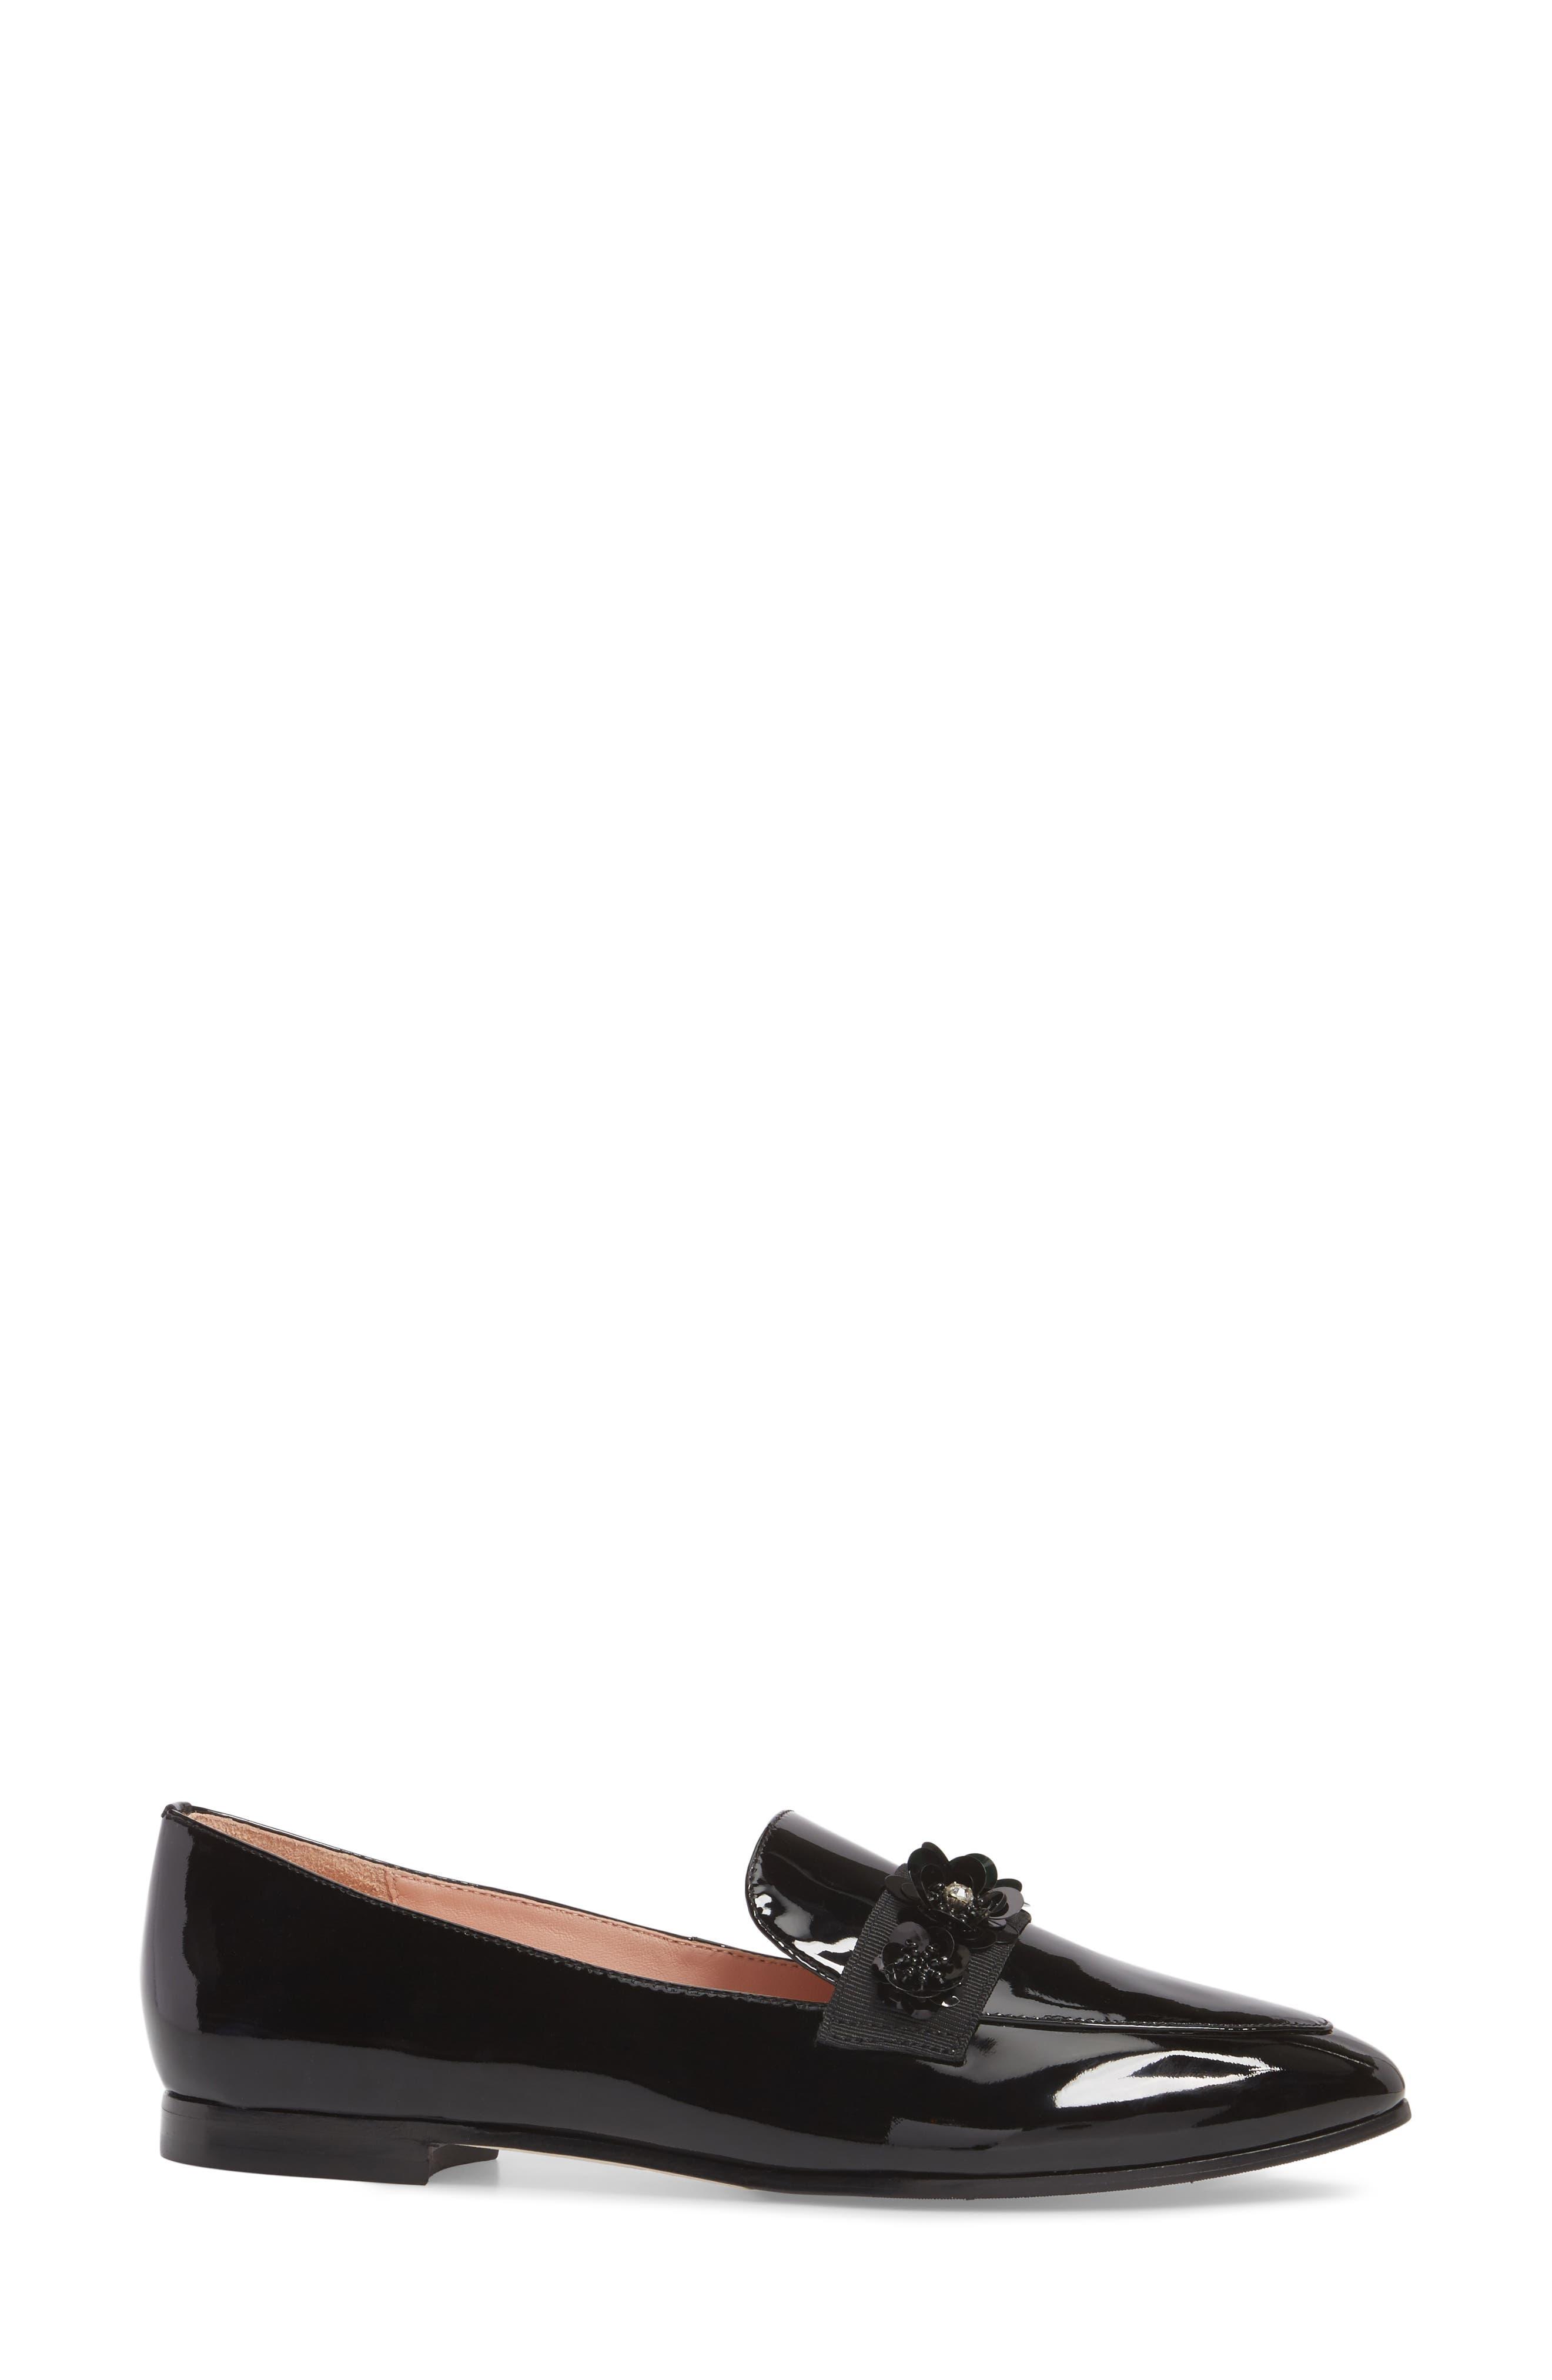 cleo embellished loafer,                             Alternate thumbnail 3, color,                             001